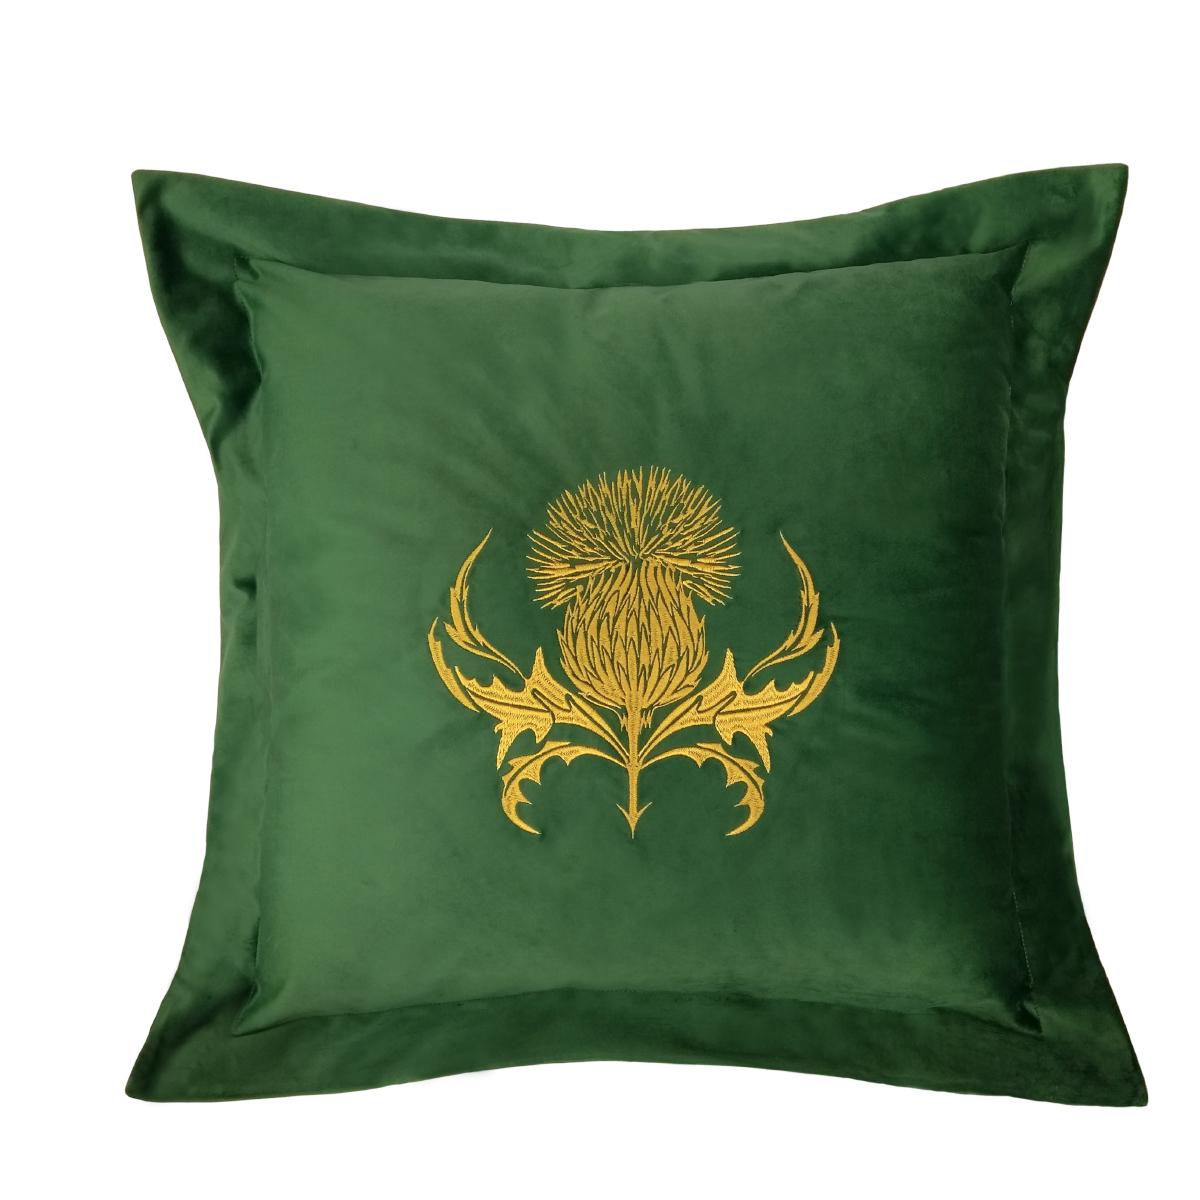 Almofada Cardo Bordada 50x50 Opção em Veludo Verde Com Bordado Dourado